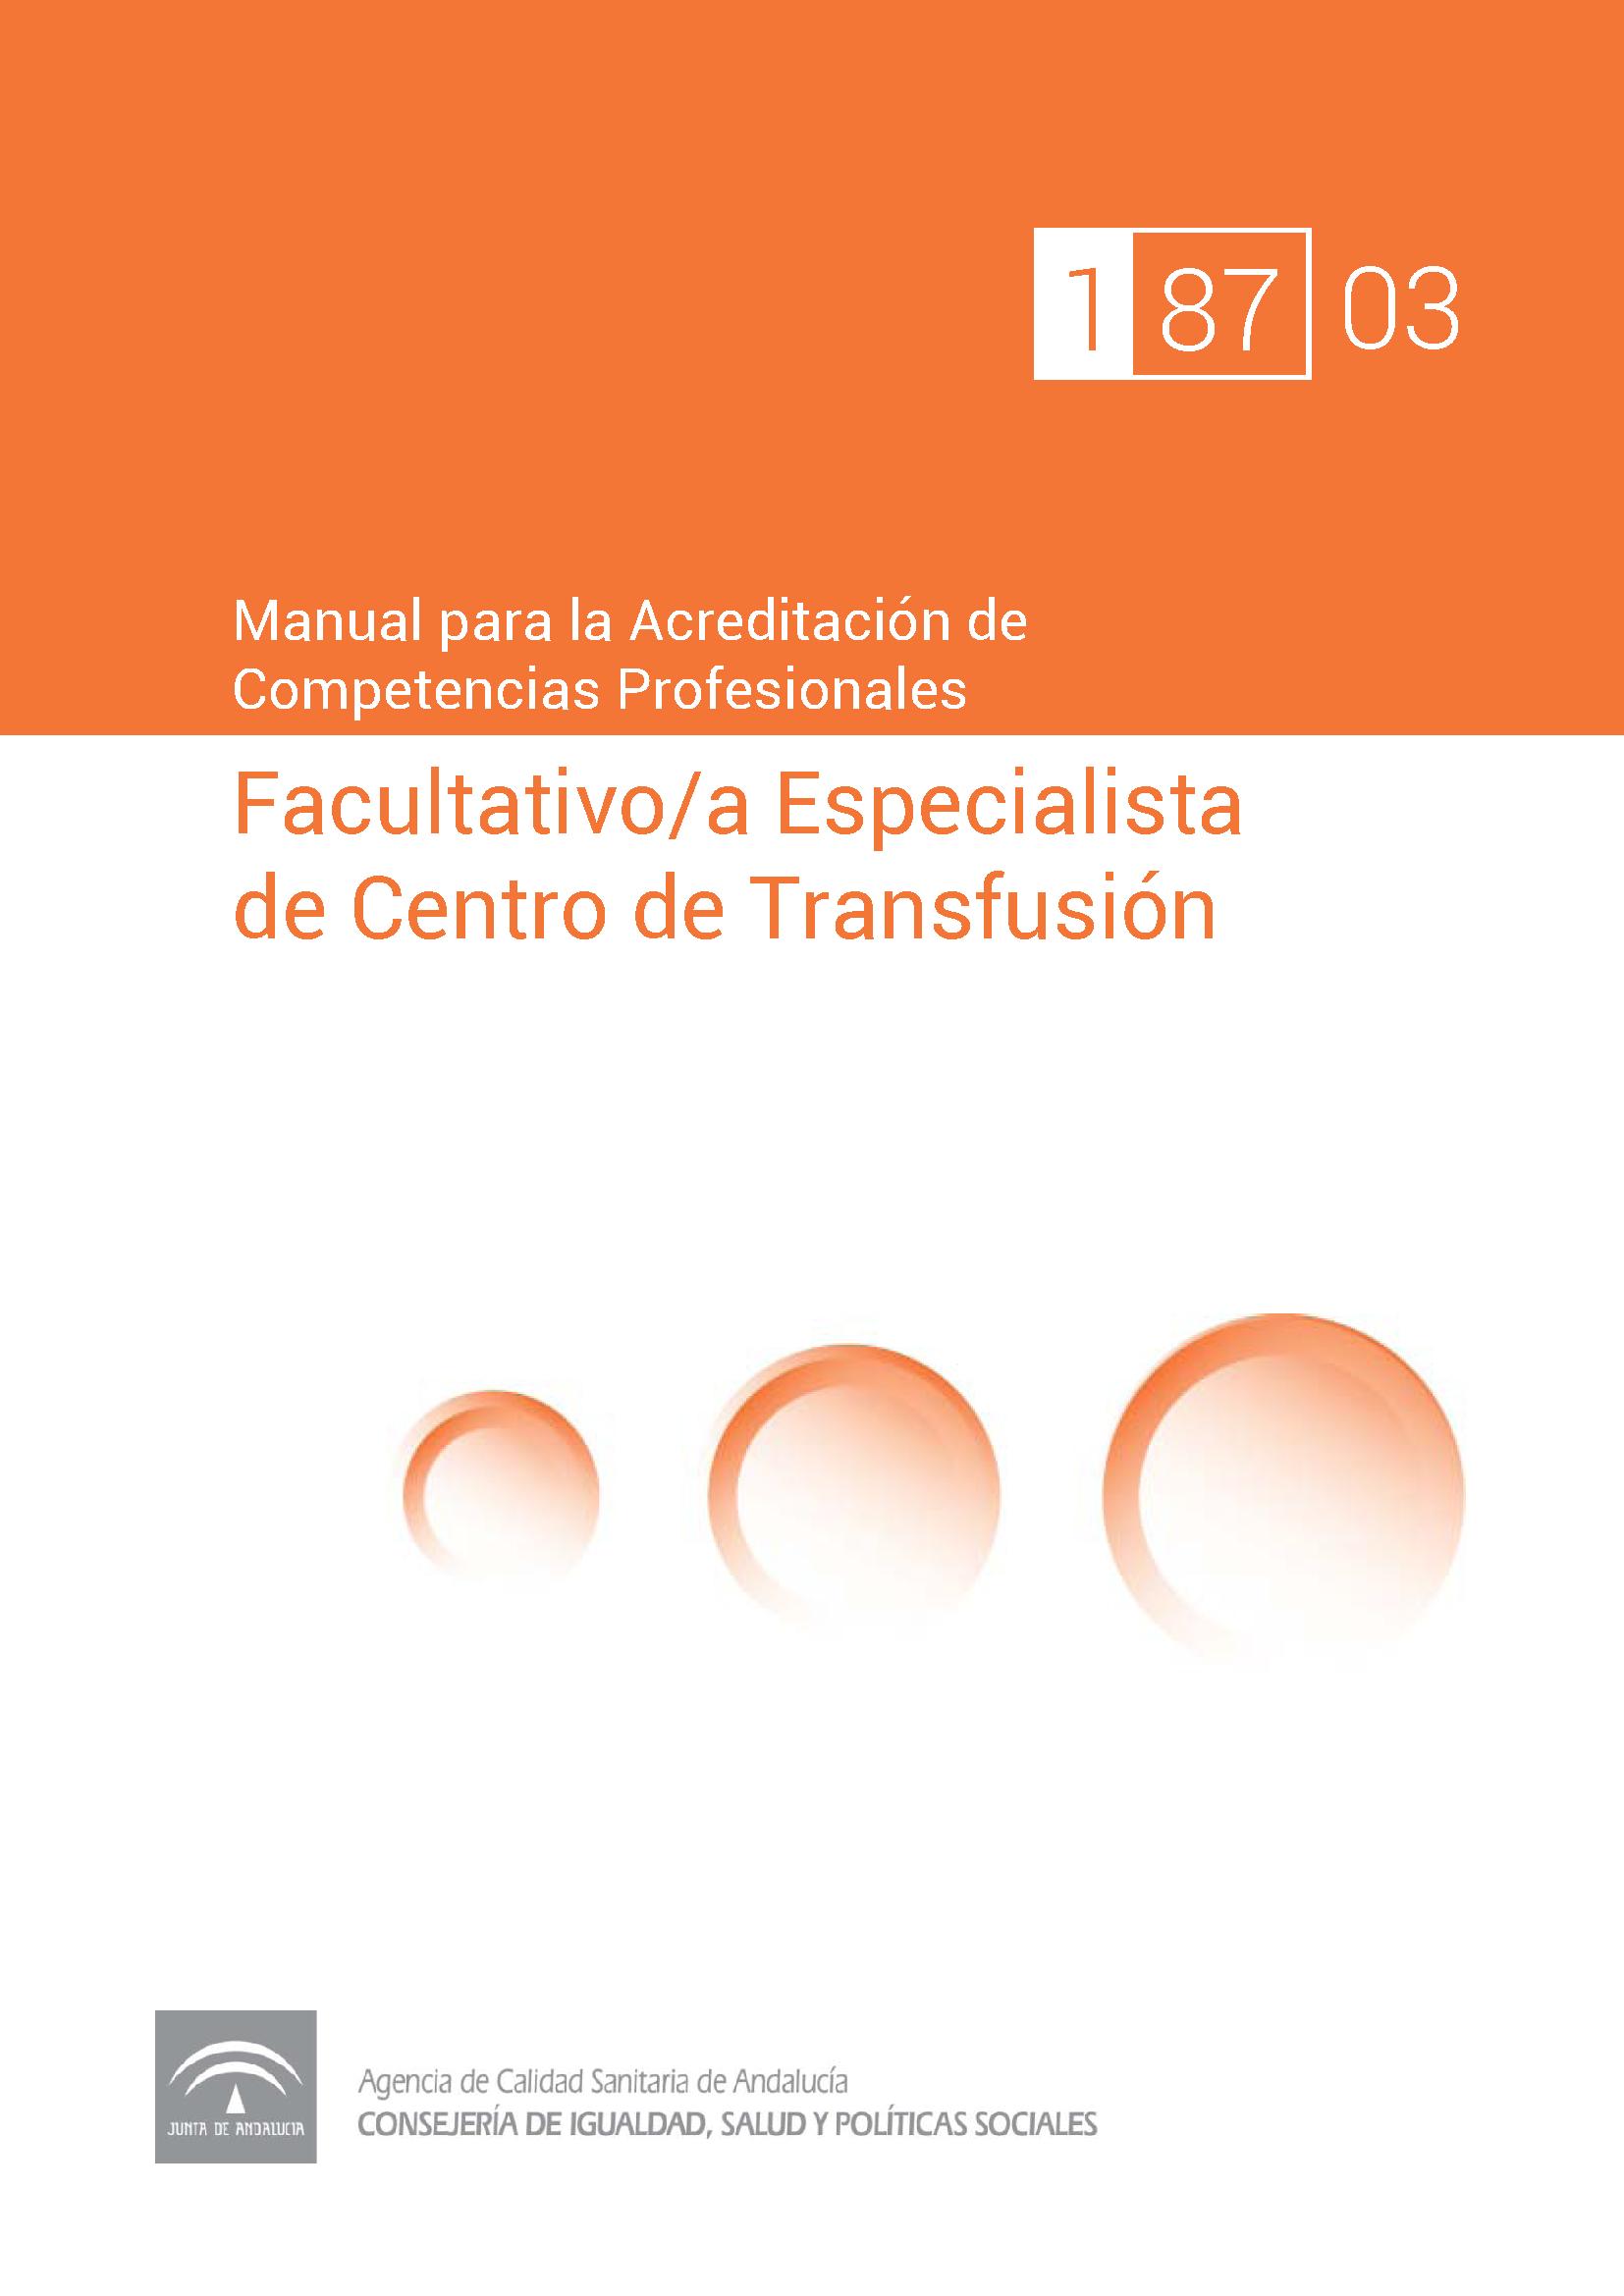 Manual de competencias profesionales del/de la Facultativo/a Especialista en Hematología y Hemoterapia de Centros de Transfusión Sanguínea